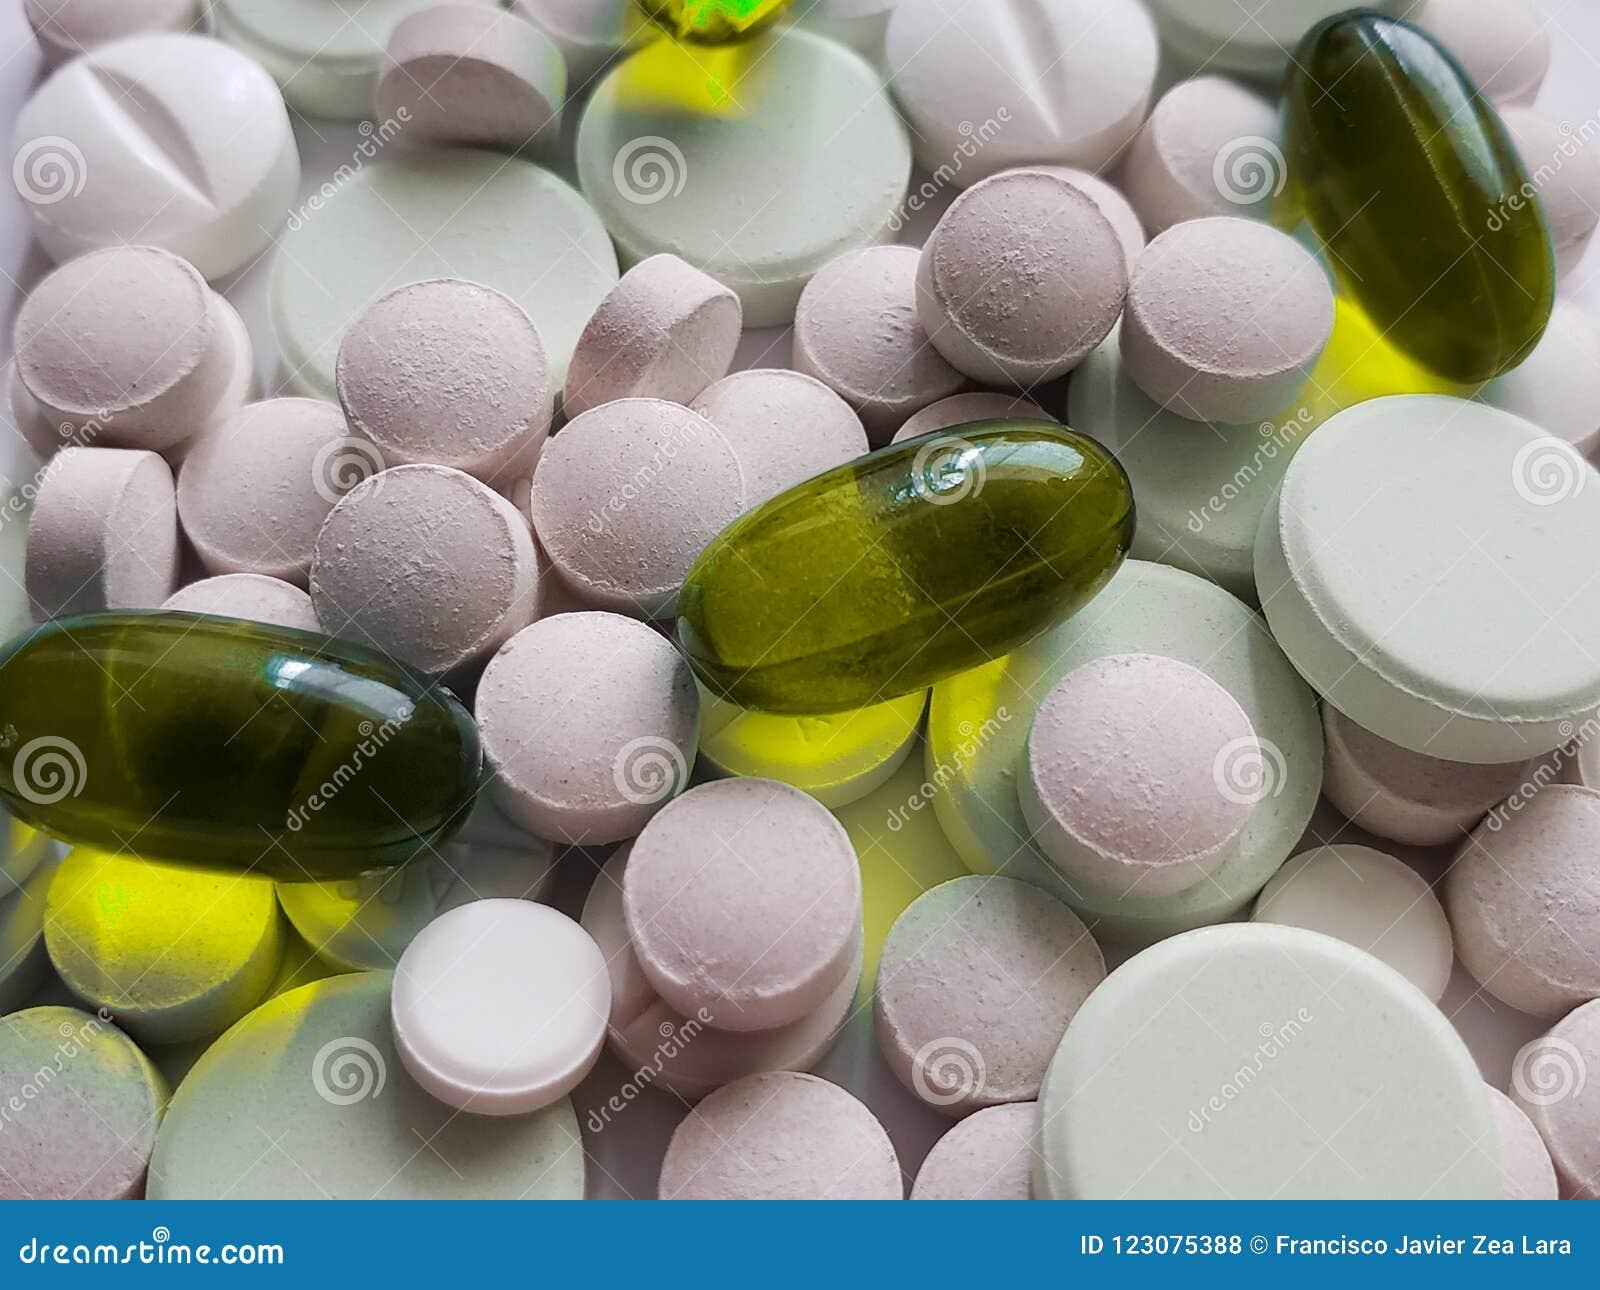 Benadering van verscheidenheid van geneesmiddelen in capsules en tabletten, achtergrond en textuur